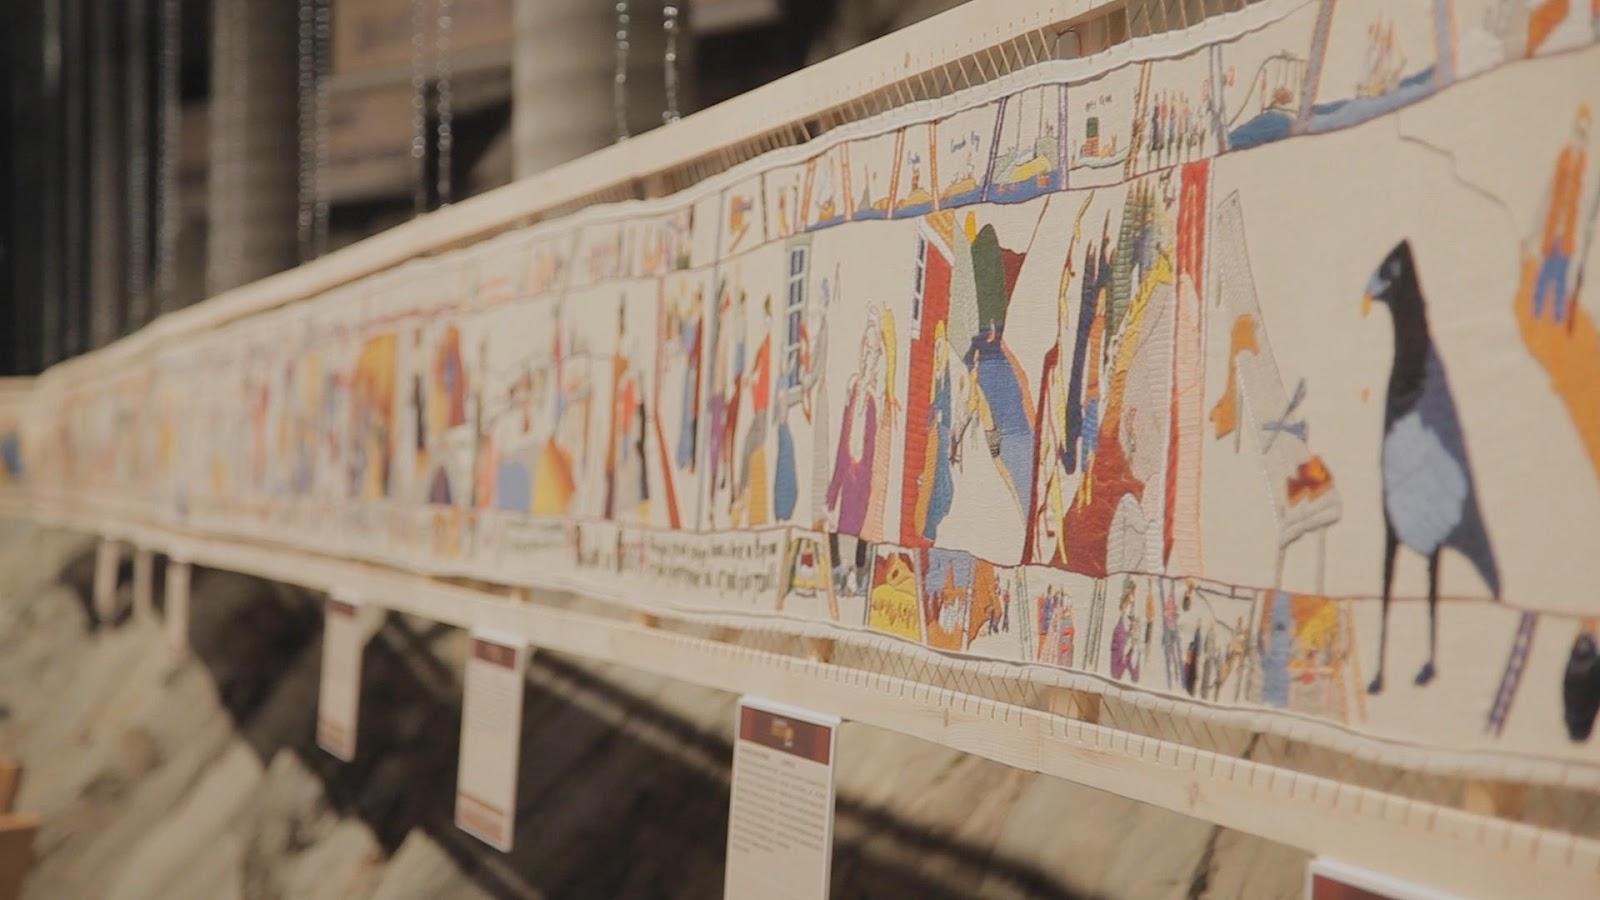 Que raconter comme histoire la tapisserie de bayeux - Qu est ce que la tapisserie de bayeux ...